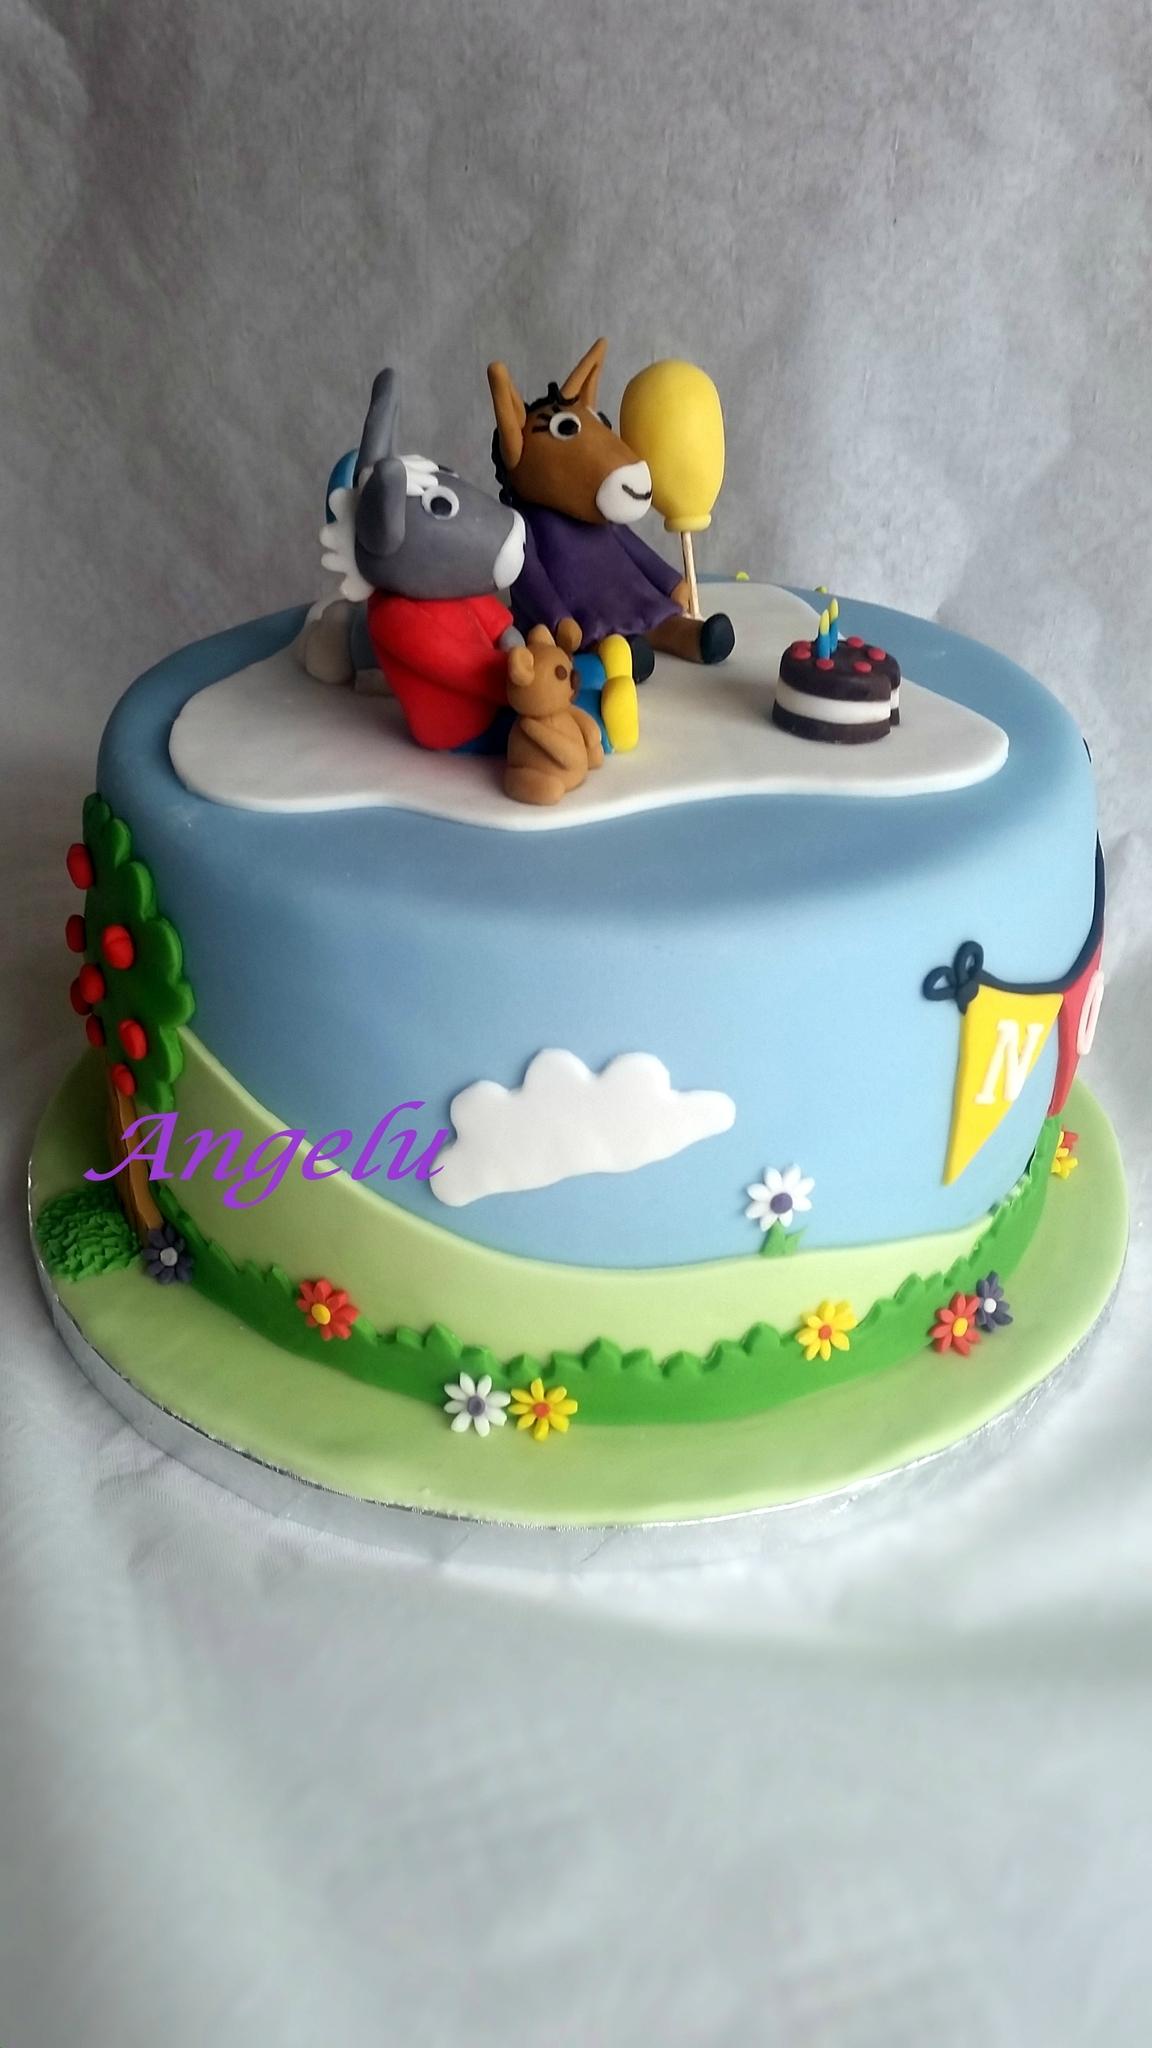 Gâteau Trotro, Nana Et Doudou - Ma Petite Patisserie encequiconcerne Doudou Ane Trotro